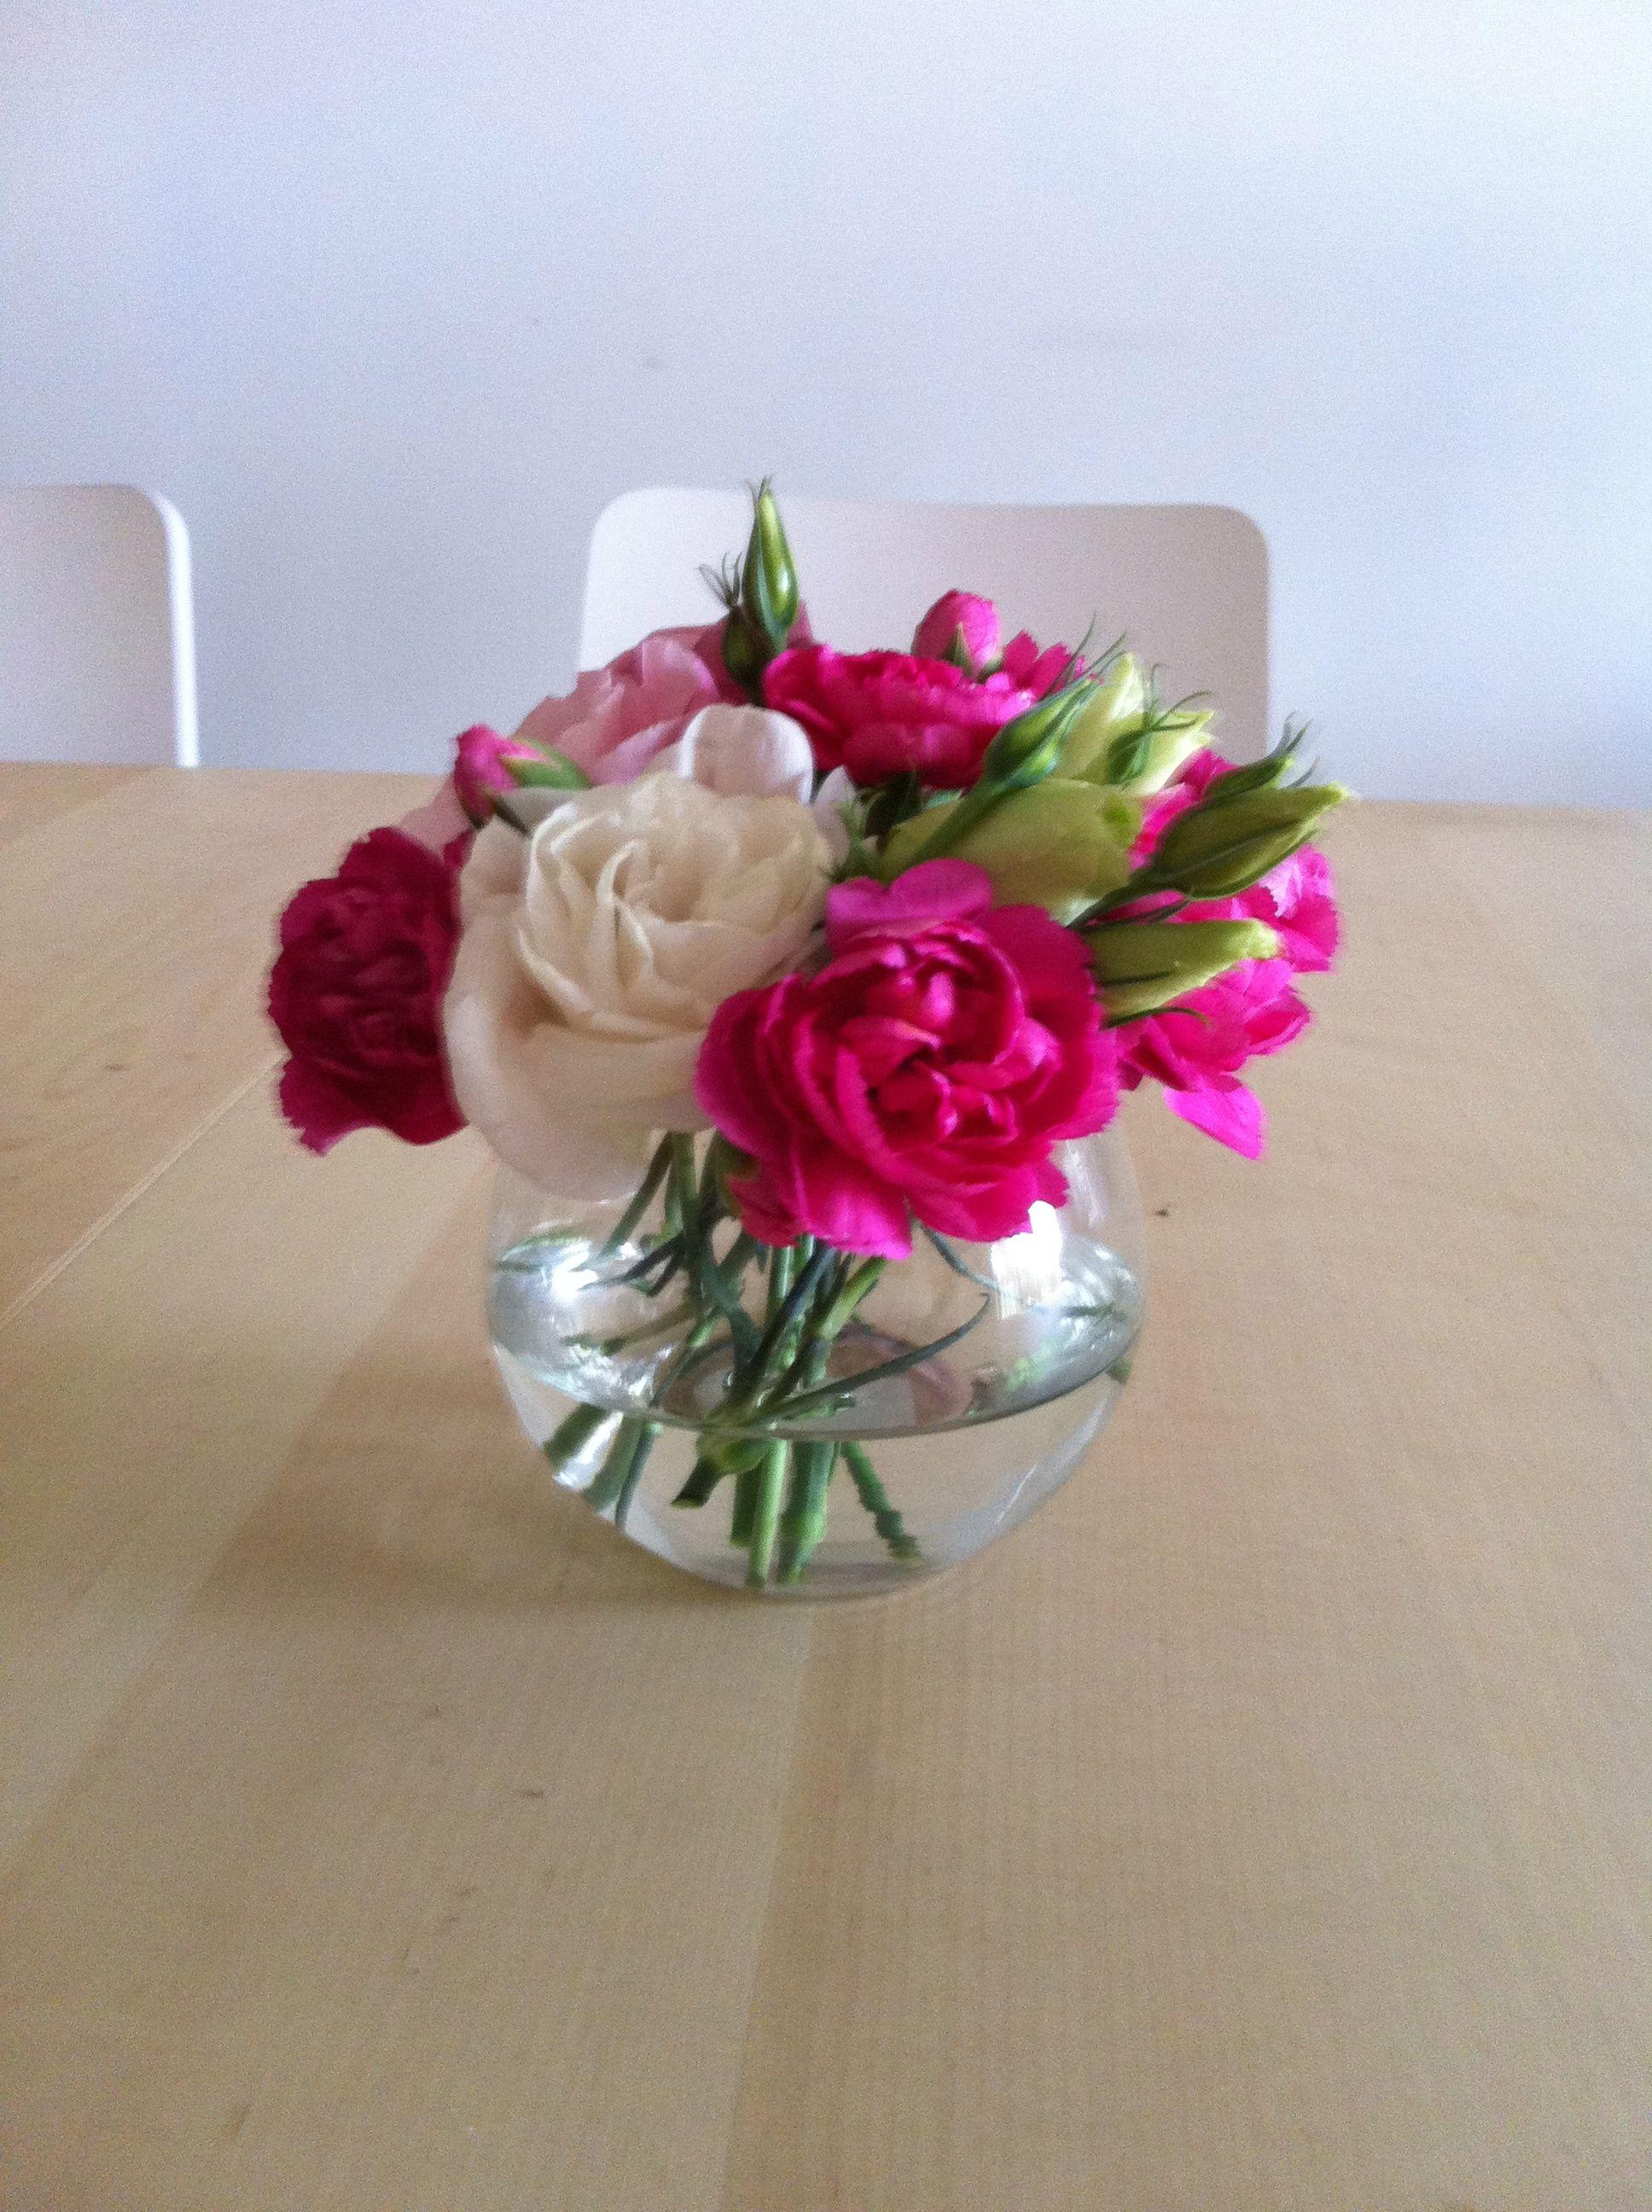 Flower practice in small round vase view 2 flower vase